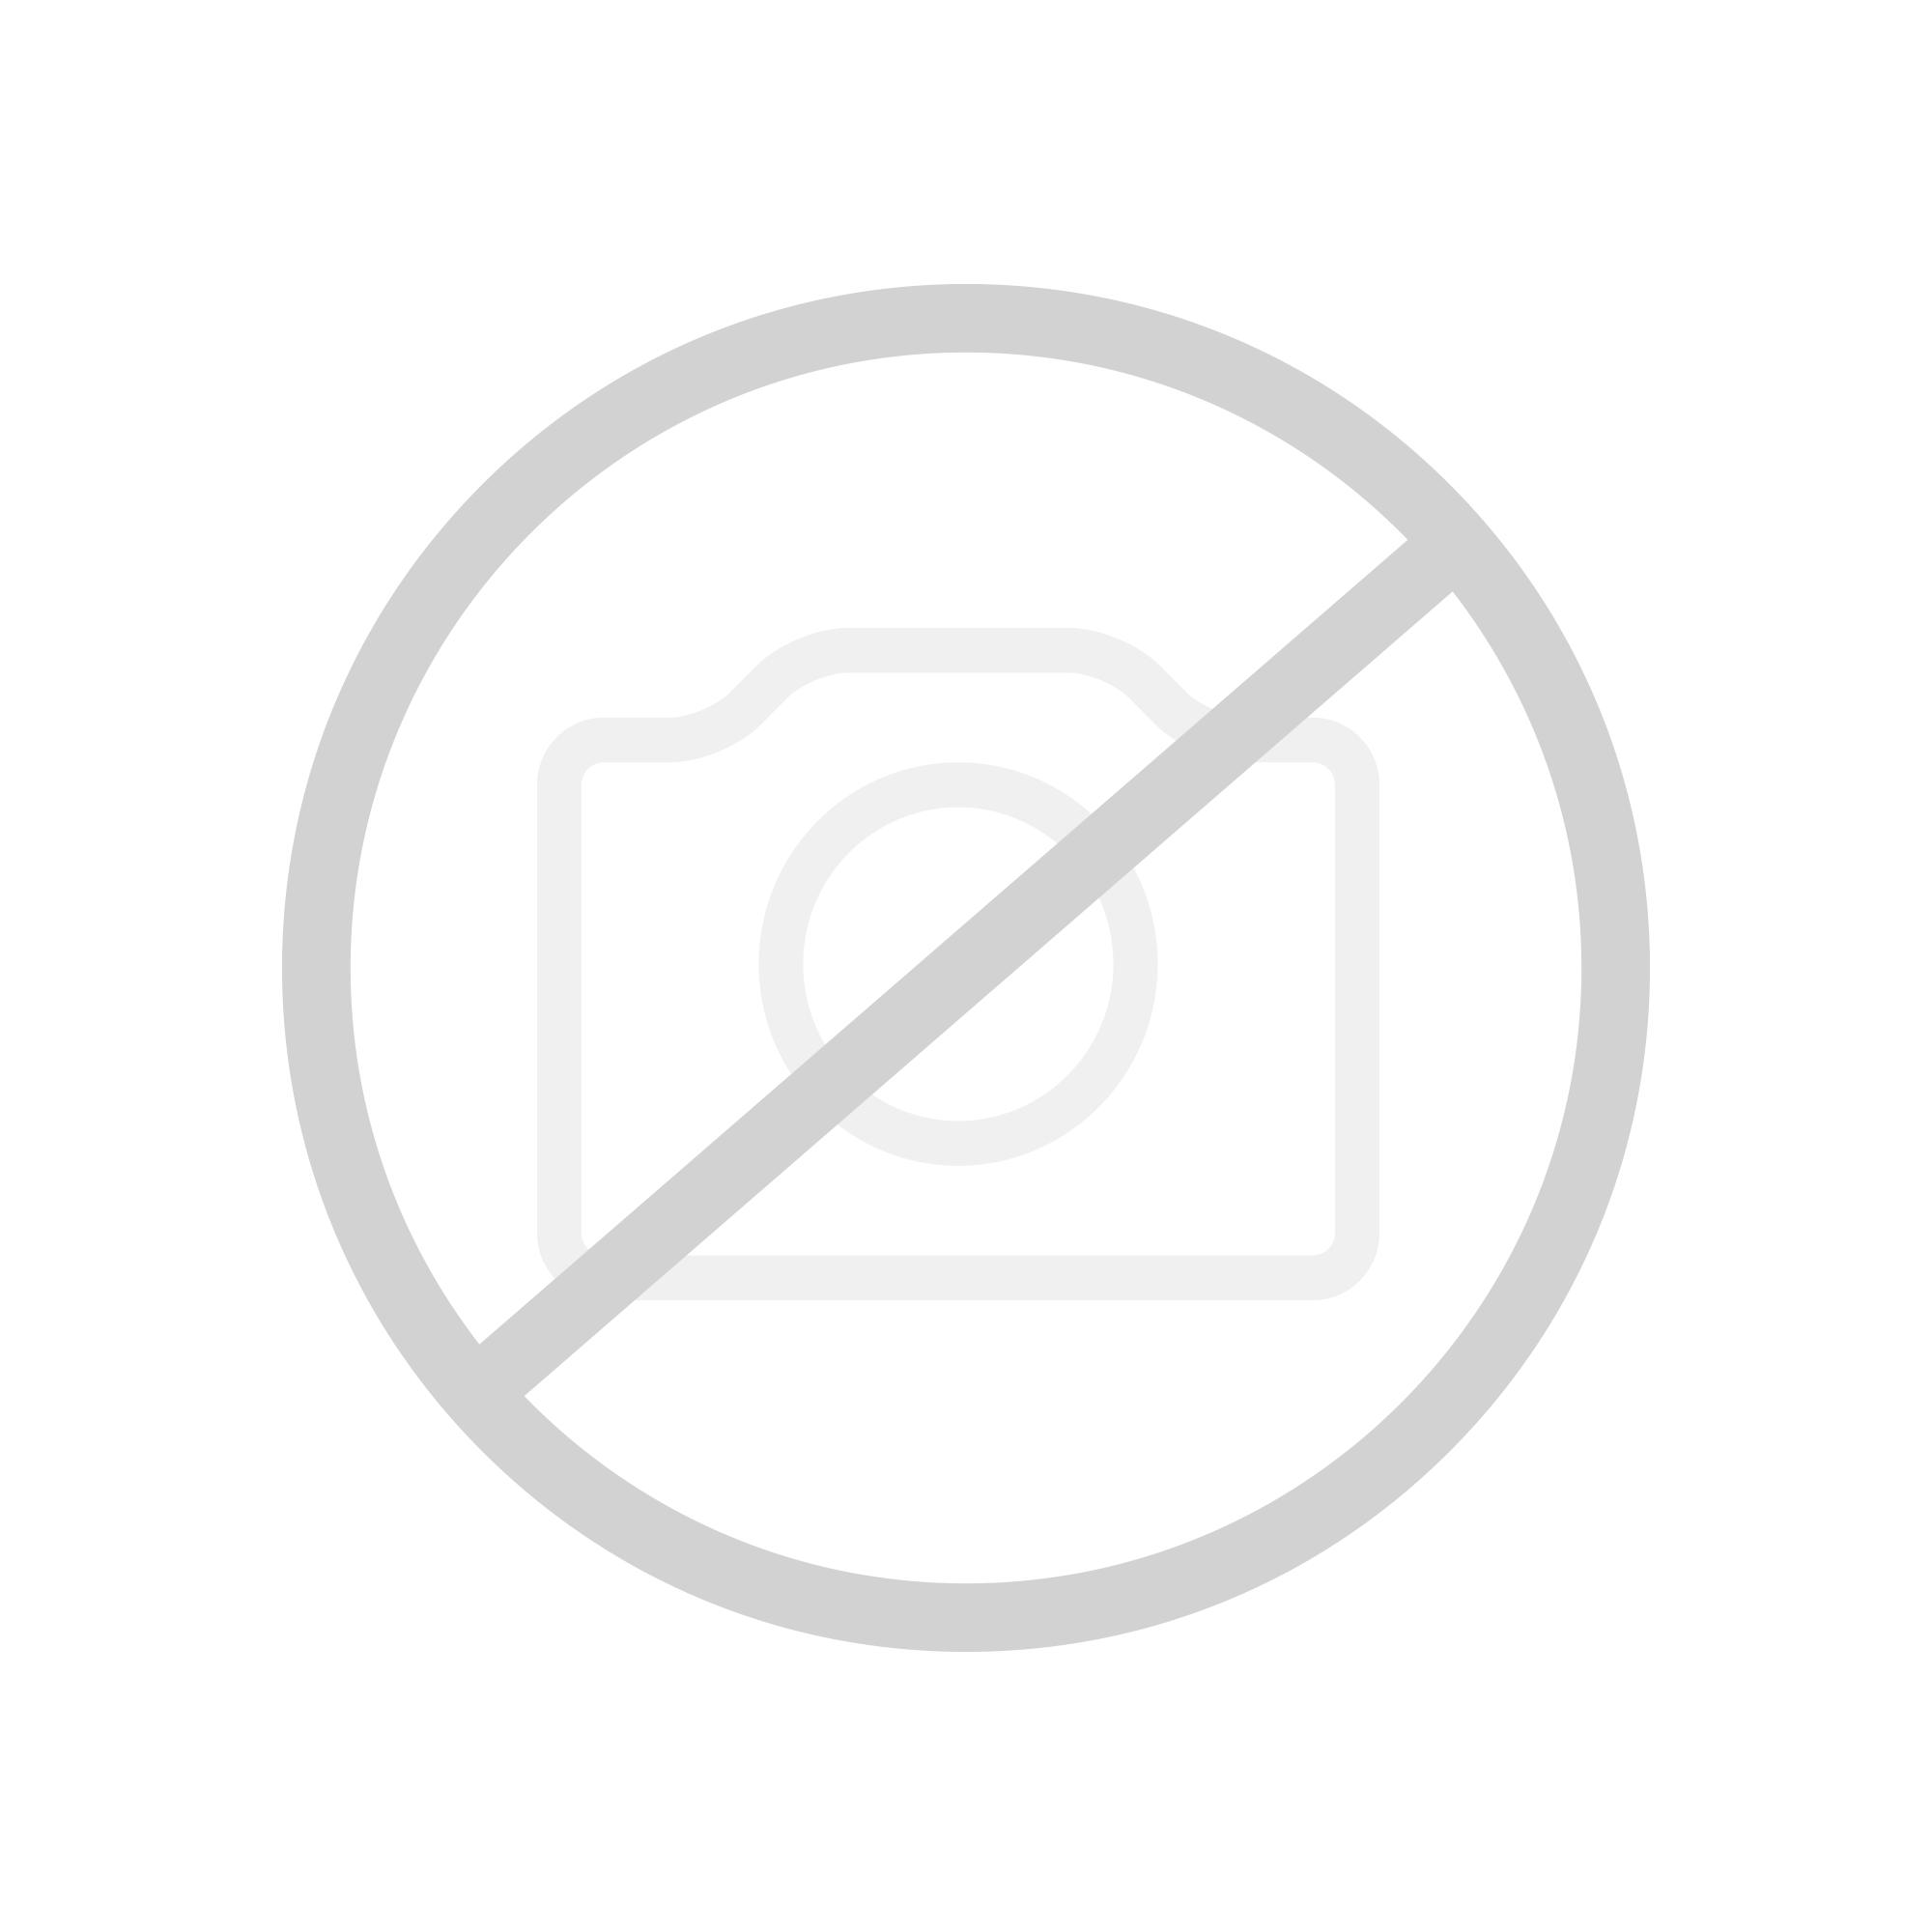 Kaldewei Silenio Aufsatzwaschtisch mit 1 Hahnloch, ohne Überlauf